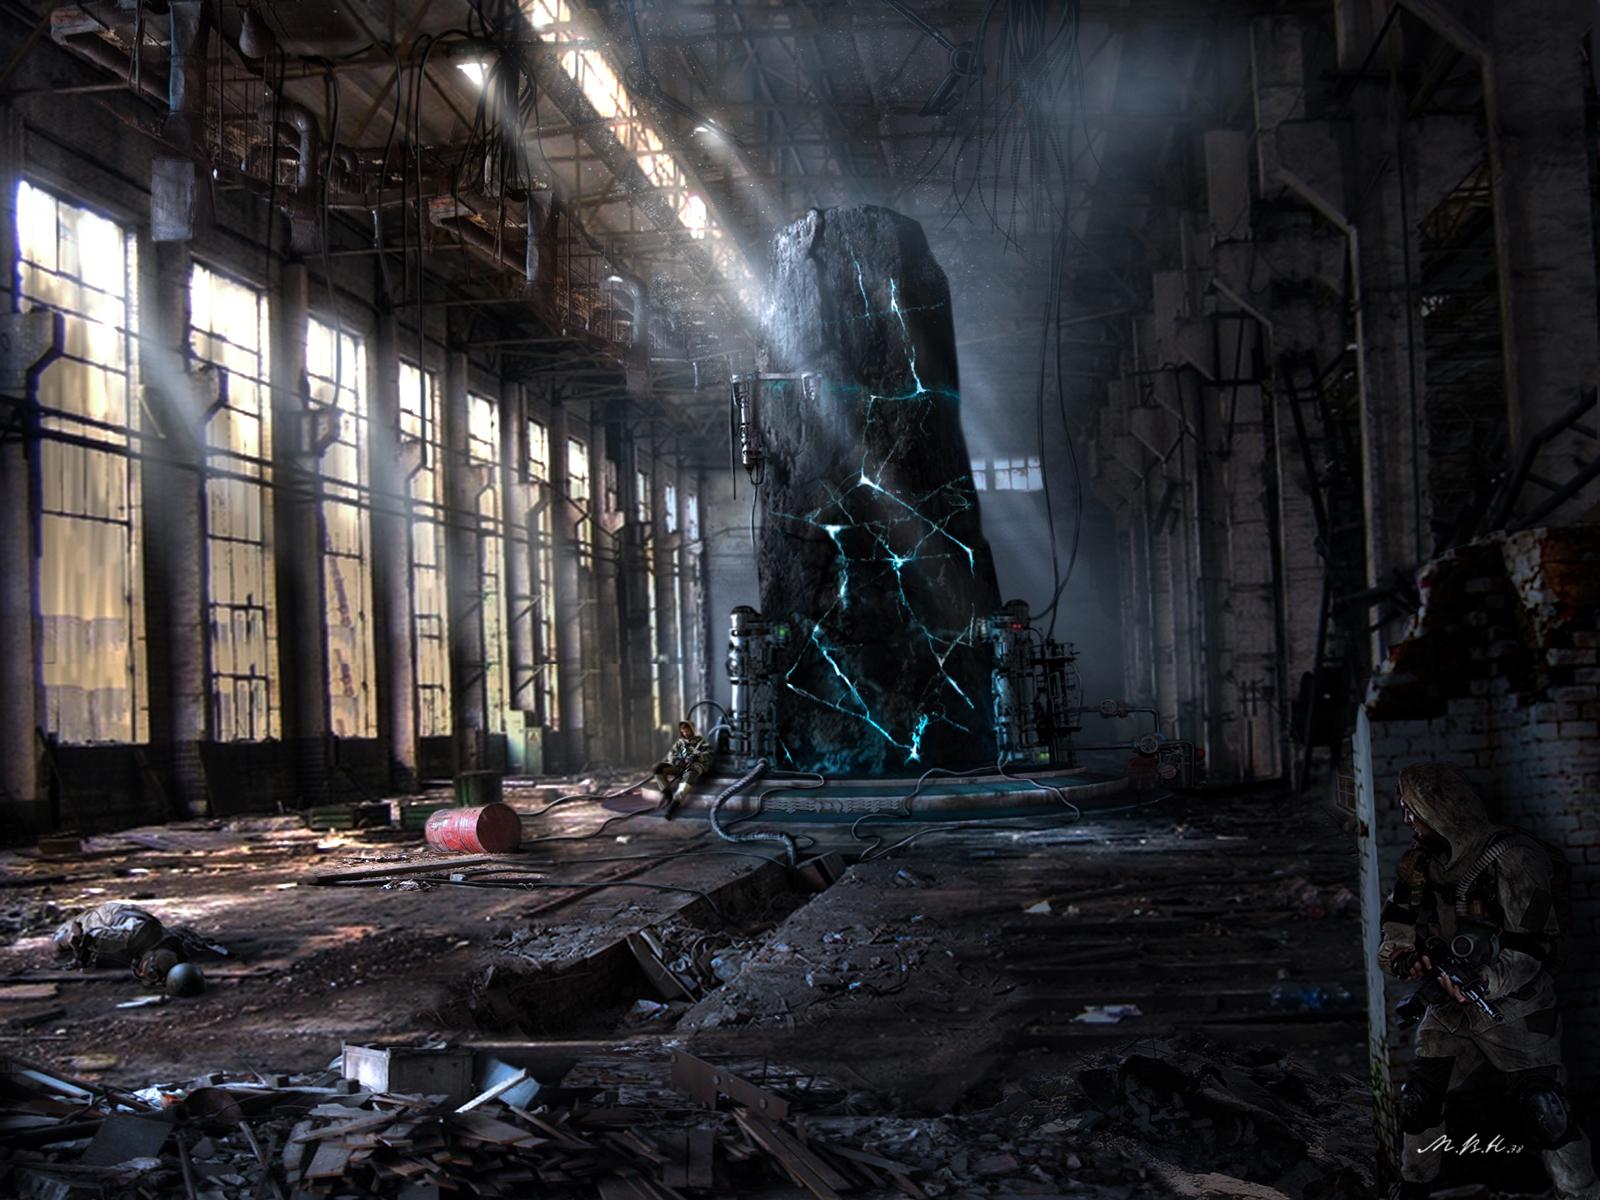 Apocalyptic Background - WallpaperSafari